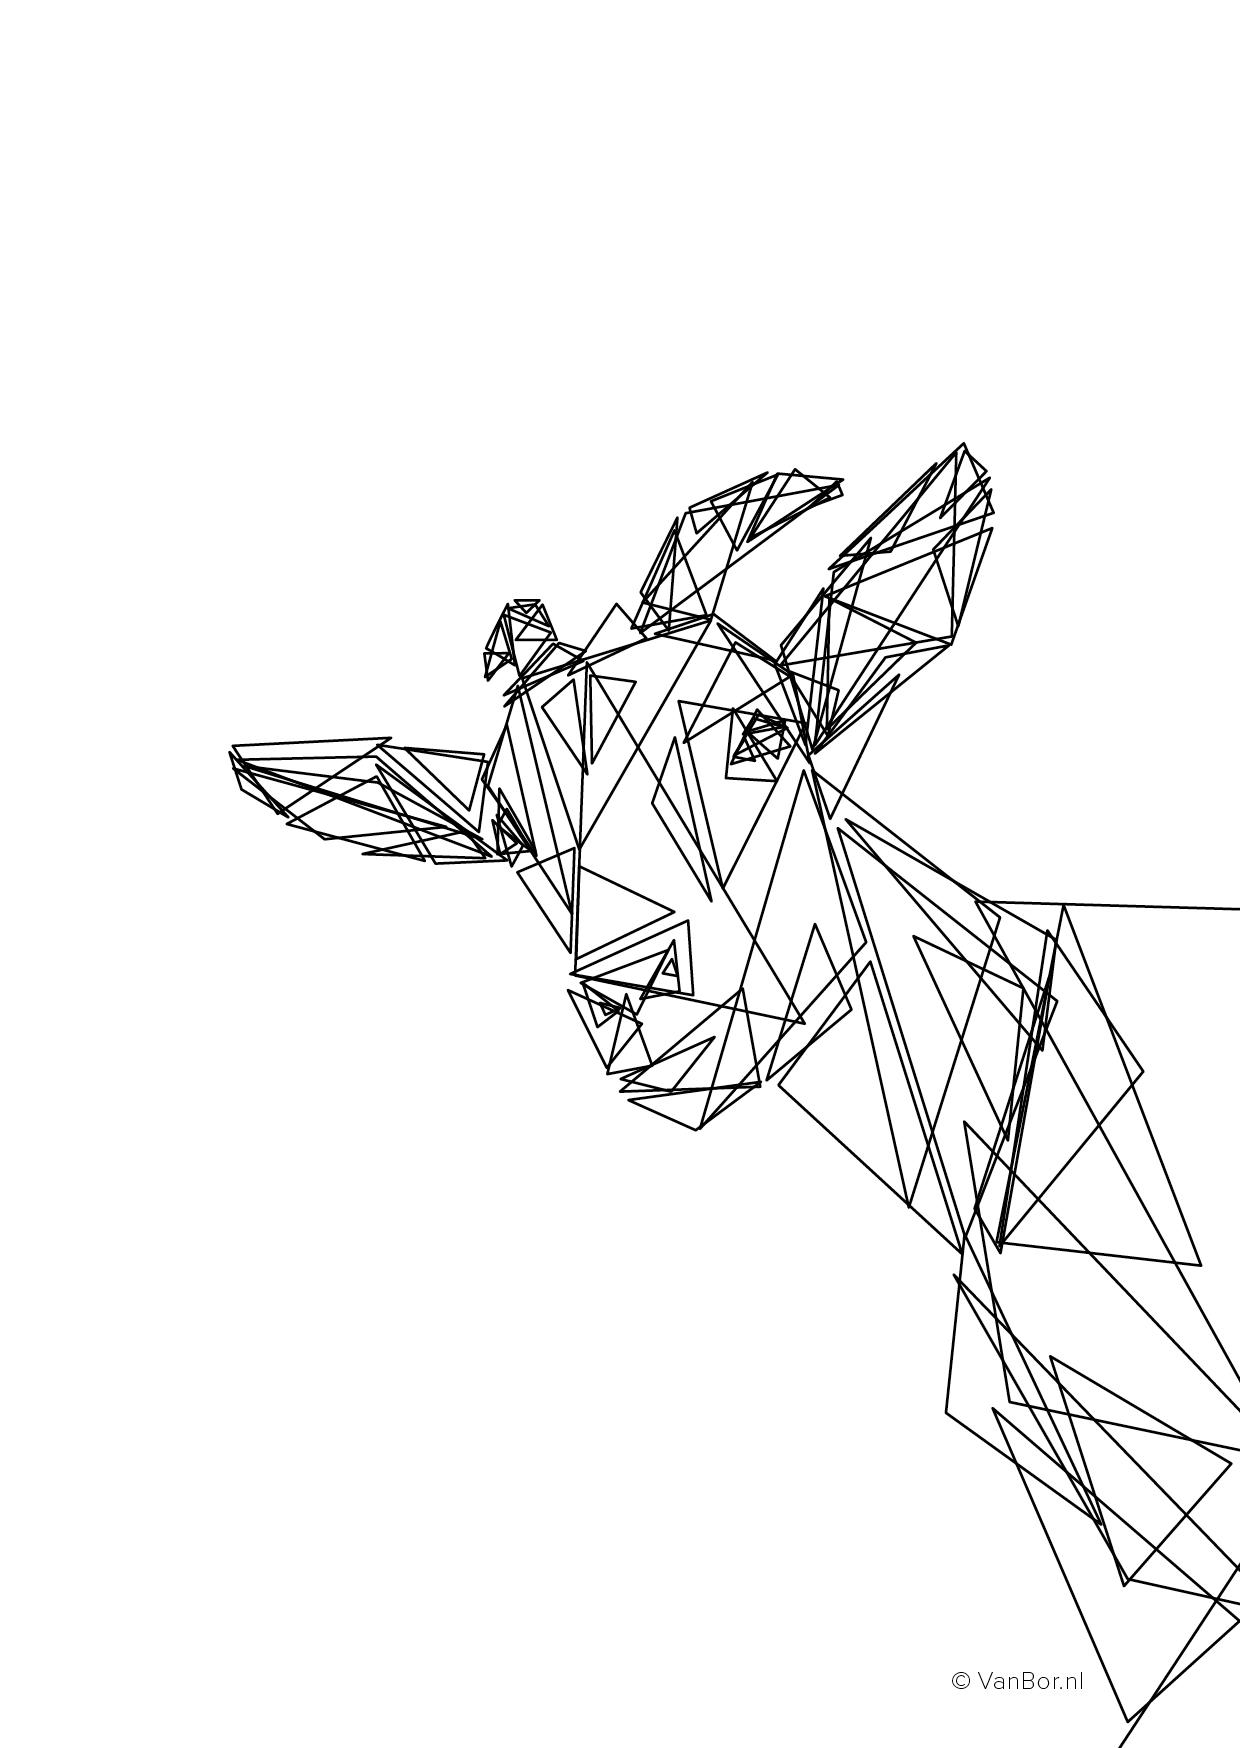 A6 ansichtkaart 105 x 148 mm Triangles Geit